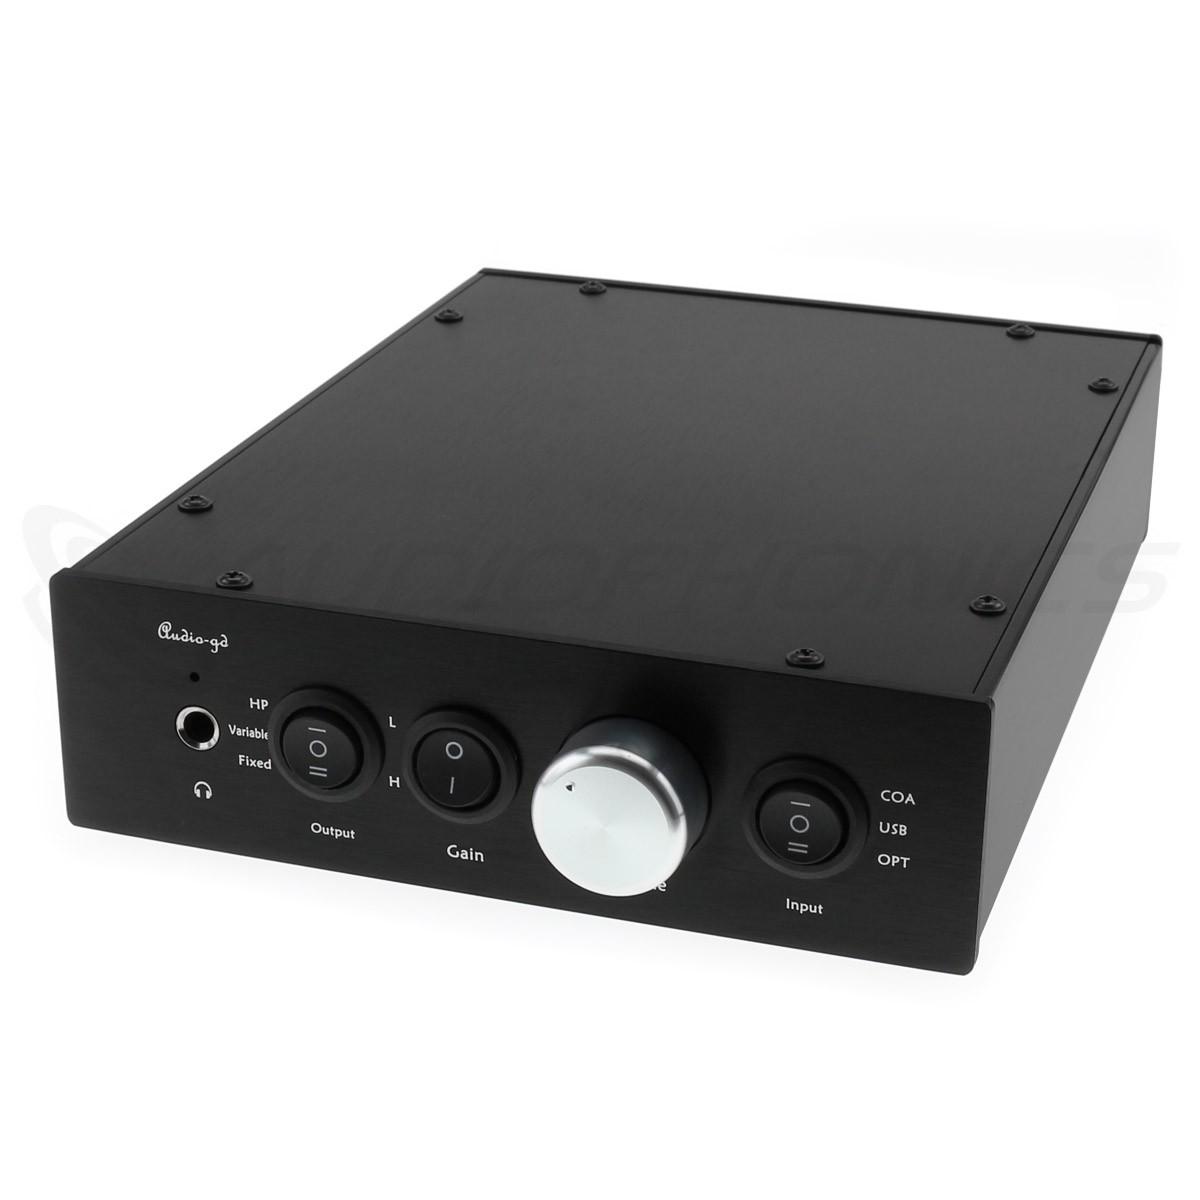 AUDIO-GD NFB-11.28 PERFORMANCE EDITION DAC ES9028Pro Préampli Ampli Casque 32bit 384kHz DSD512 Accusilicon